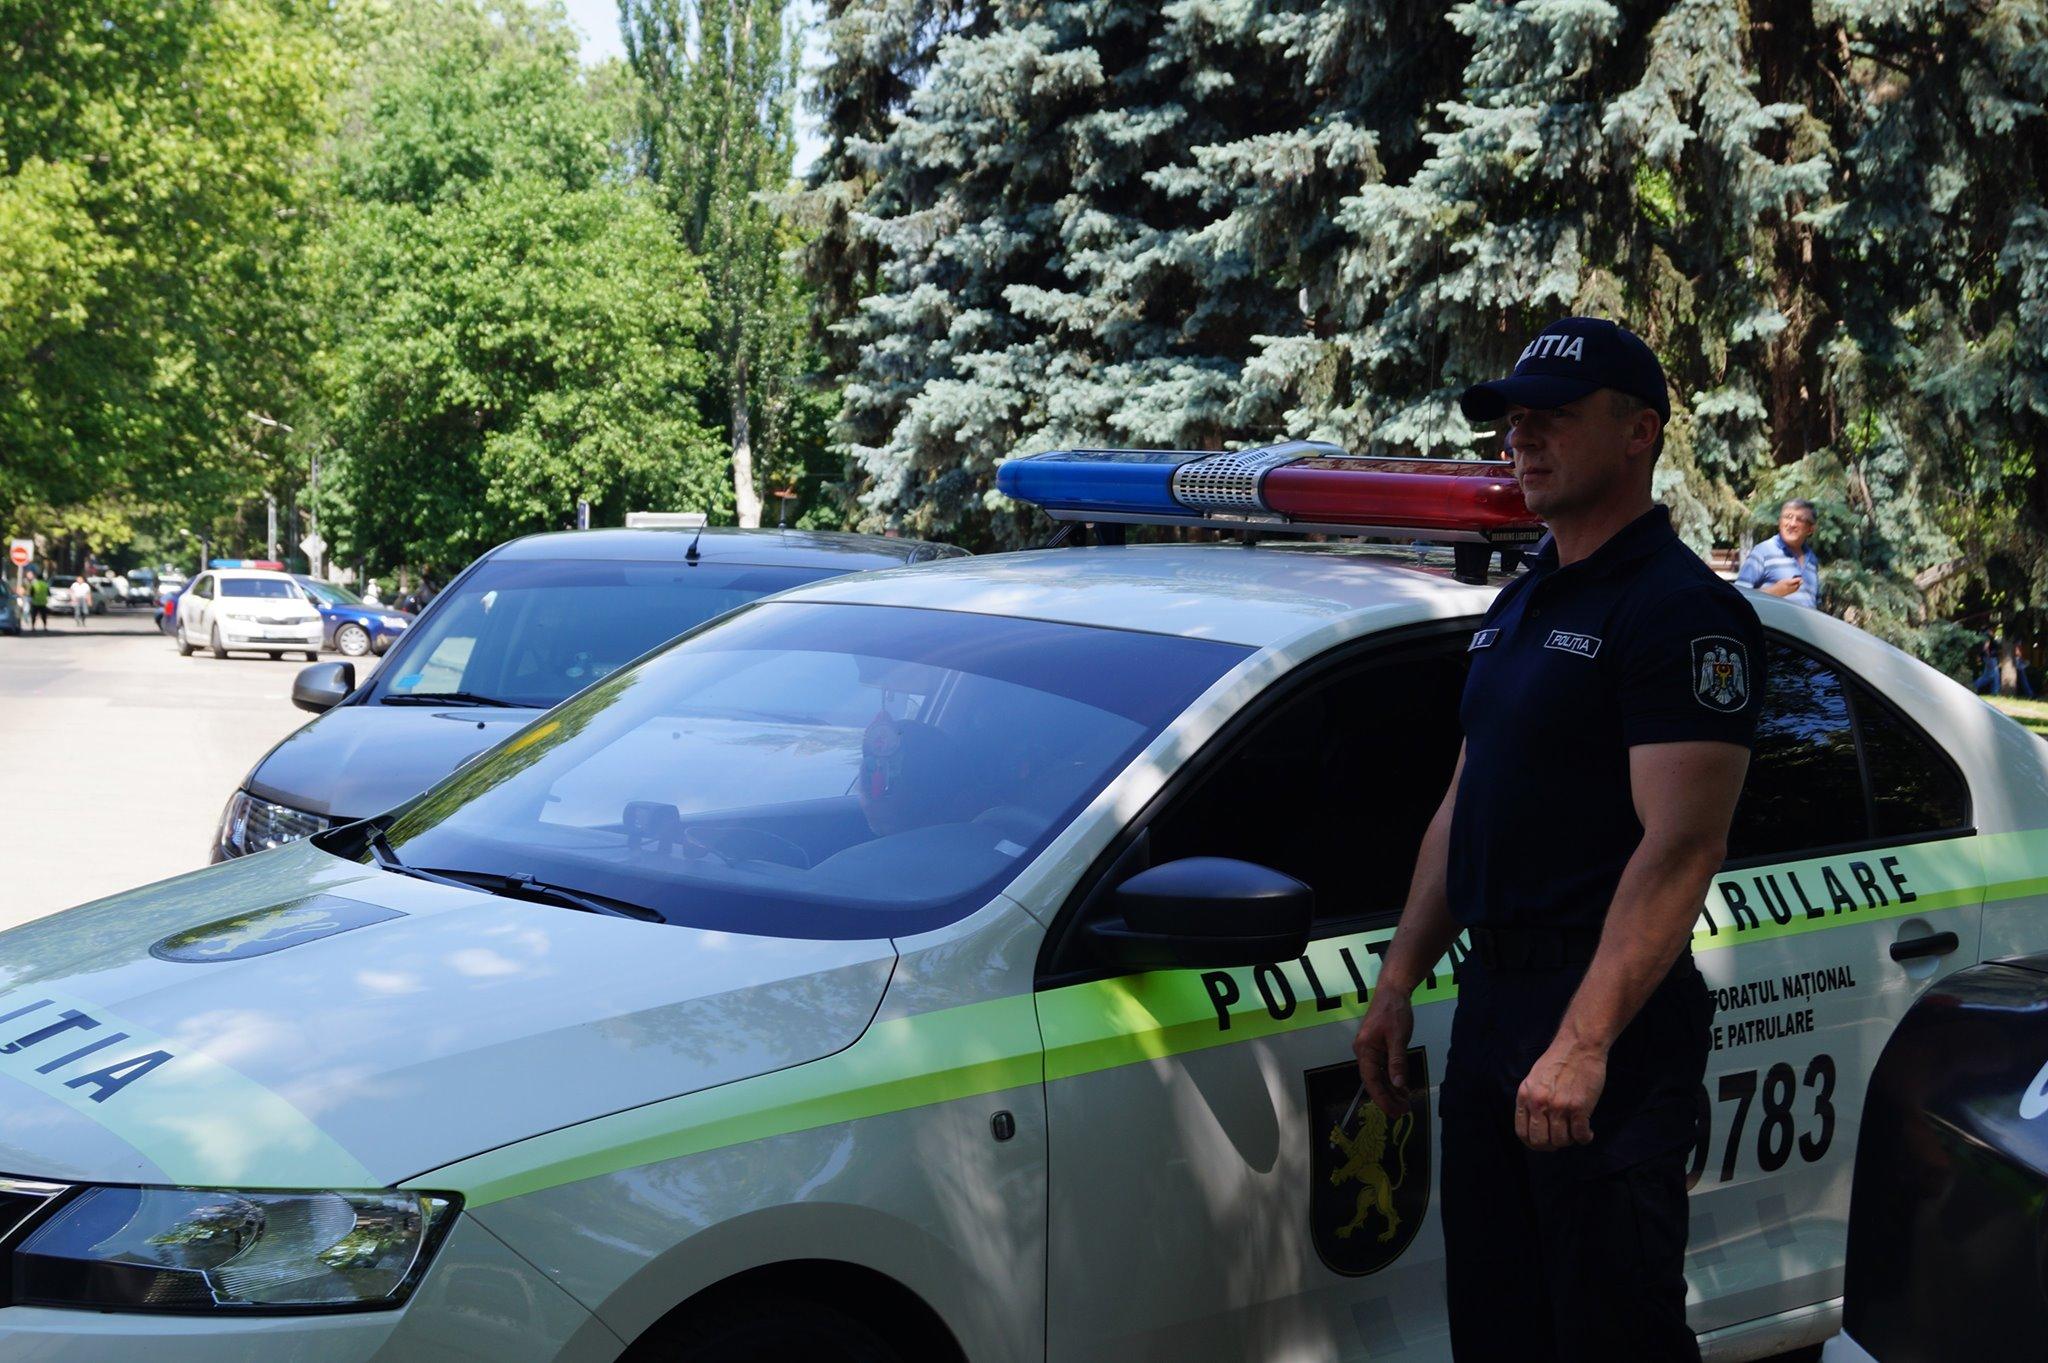 Cod galben de caniculă pentru următoarele 2 zile. Conducătorii auto sunt atenționați de Poliție!